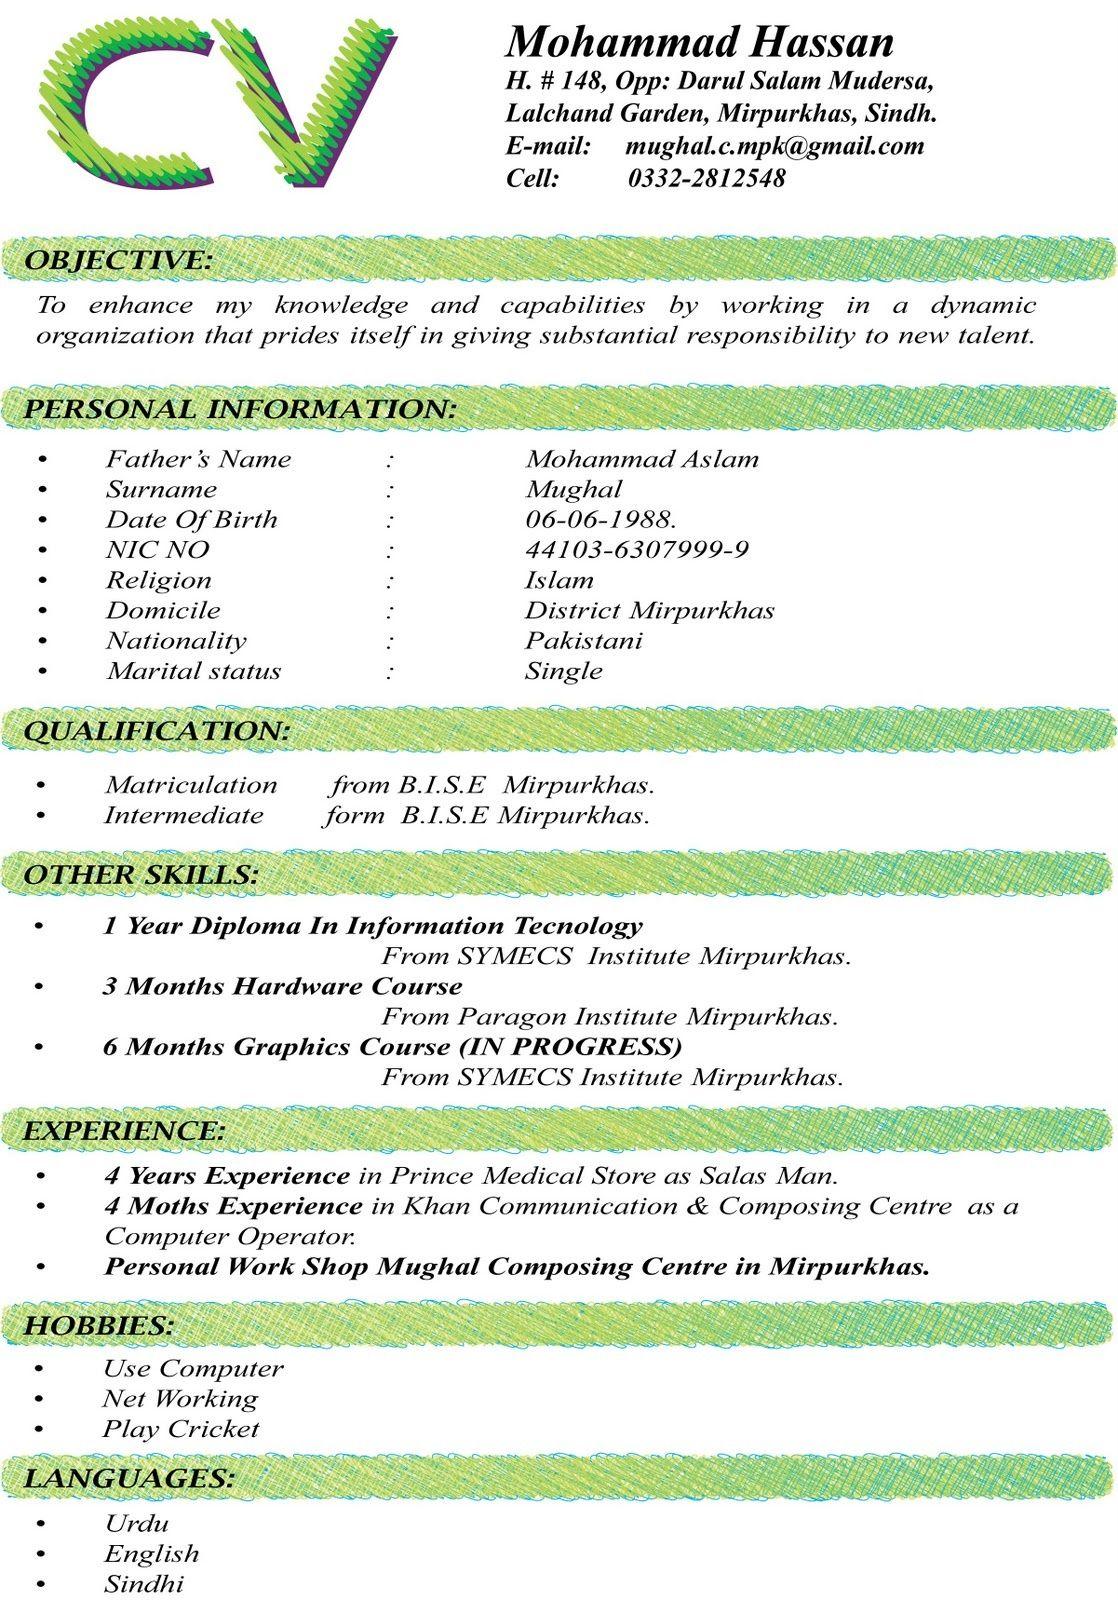 Best Cv Formats - Pakteacher 6 - Pak Teacher Jobs, Updates, Alerts